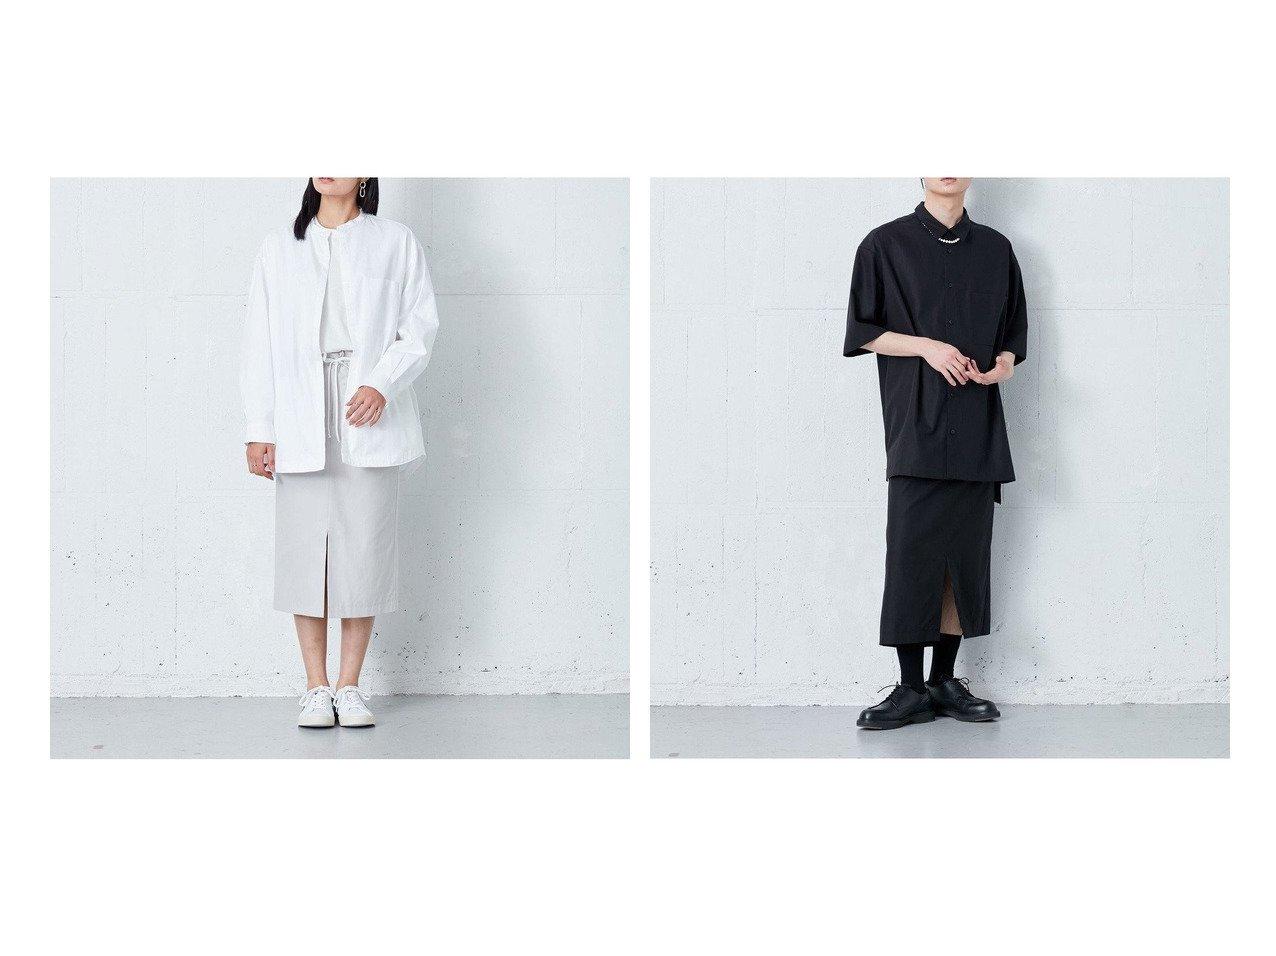 【ONWARD Design Diversity/オンワード デザイン ダイバーシティ】の【IIQUAL】ミディアムレングス スリットスカート 【スカート】おすすめ!人気、トレンド・レディースファッションの通販 おすすめで人気の流行・トレンド、ファッションの通販商品 インテリア・家具・メンズファッション・キッズファッション・レディースファッション・服の通販 founy(ファニー) https://founy.com/ ファッション Fashion レディースファッション WOMEN スカート Skirt スリット セットアップ バランス ミドル 再入荷 Restock/Back in Stock/Re Arrival 送料無料 Free Shipping おすすめ Recommend |ID:crp329100000047548